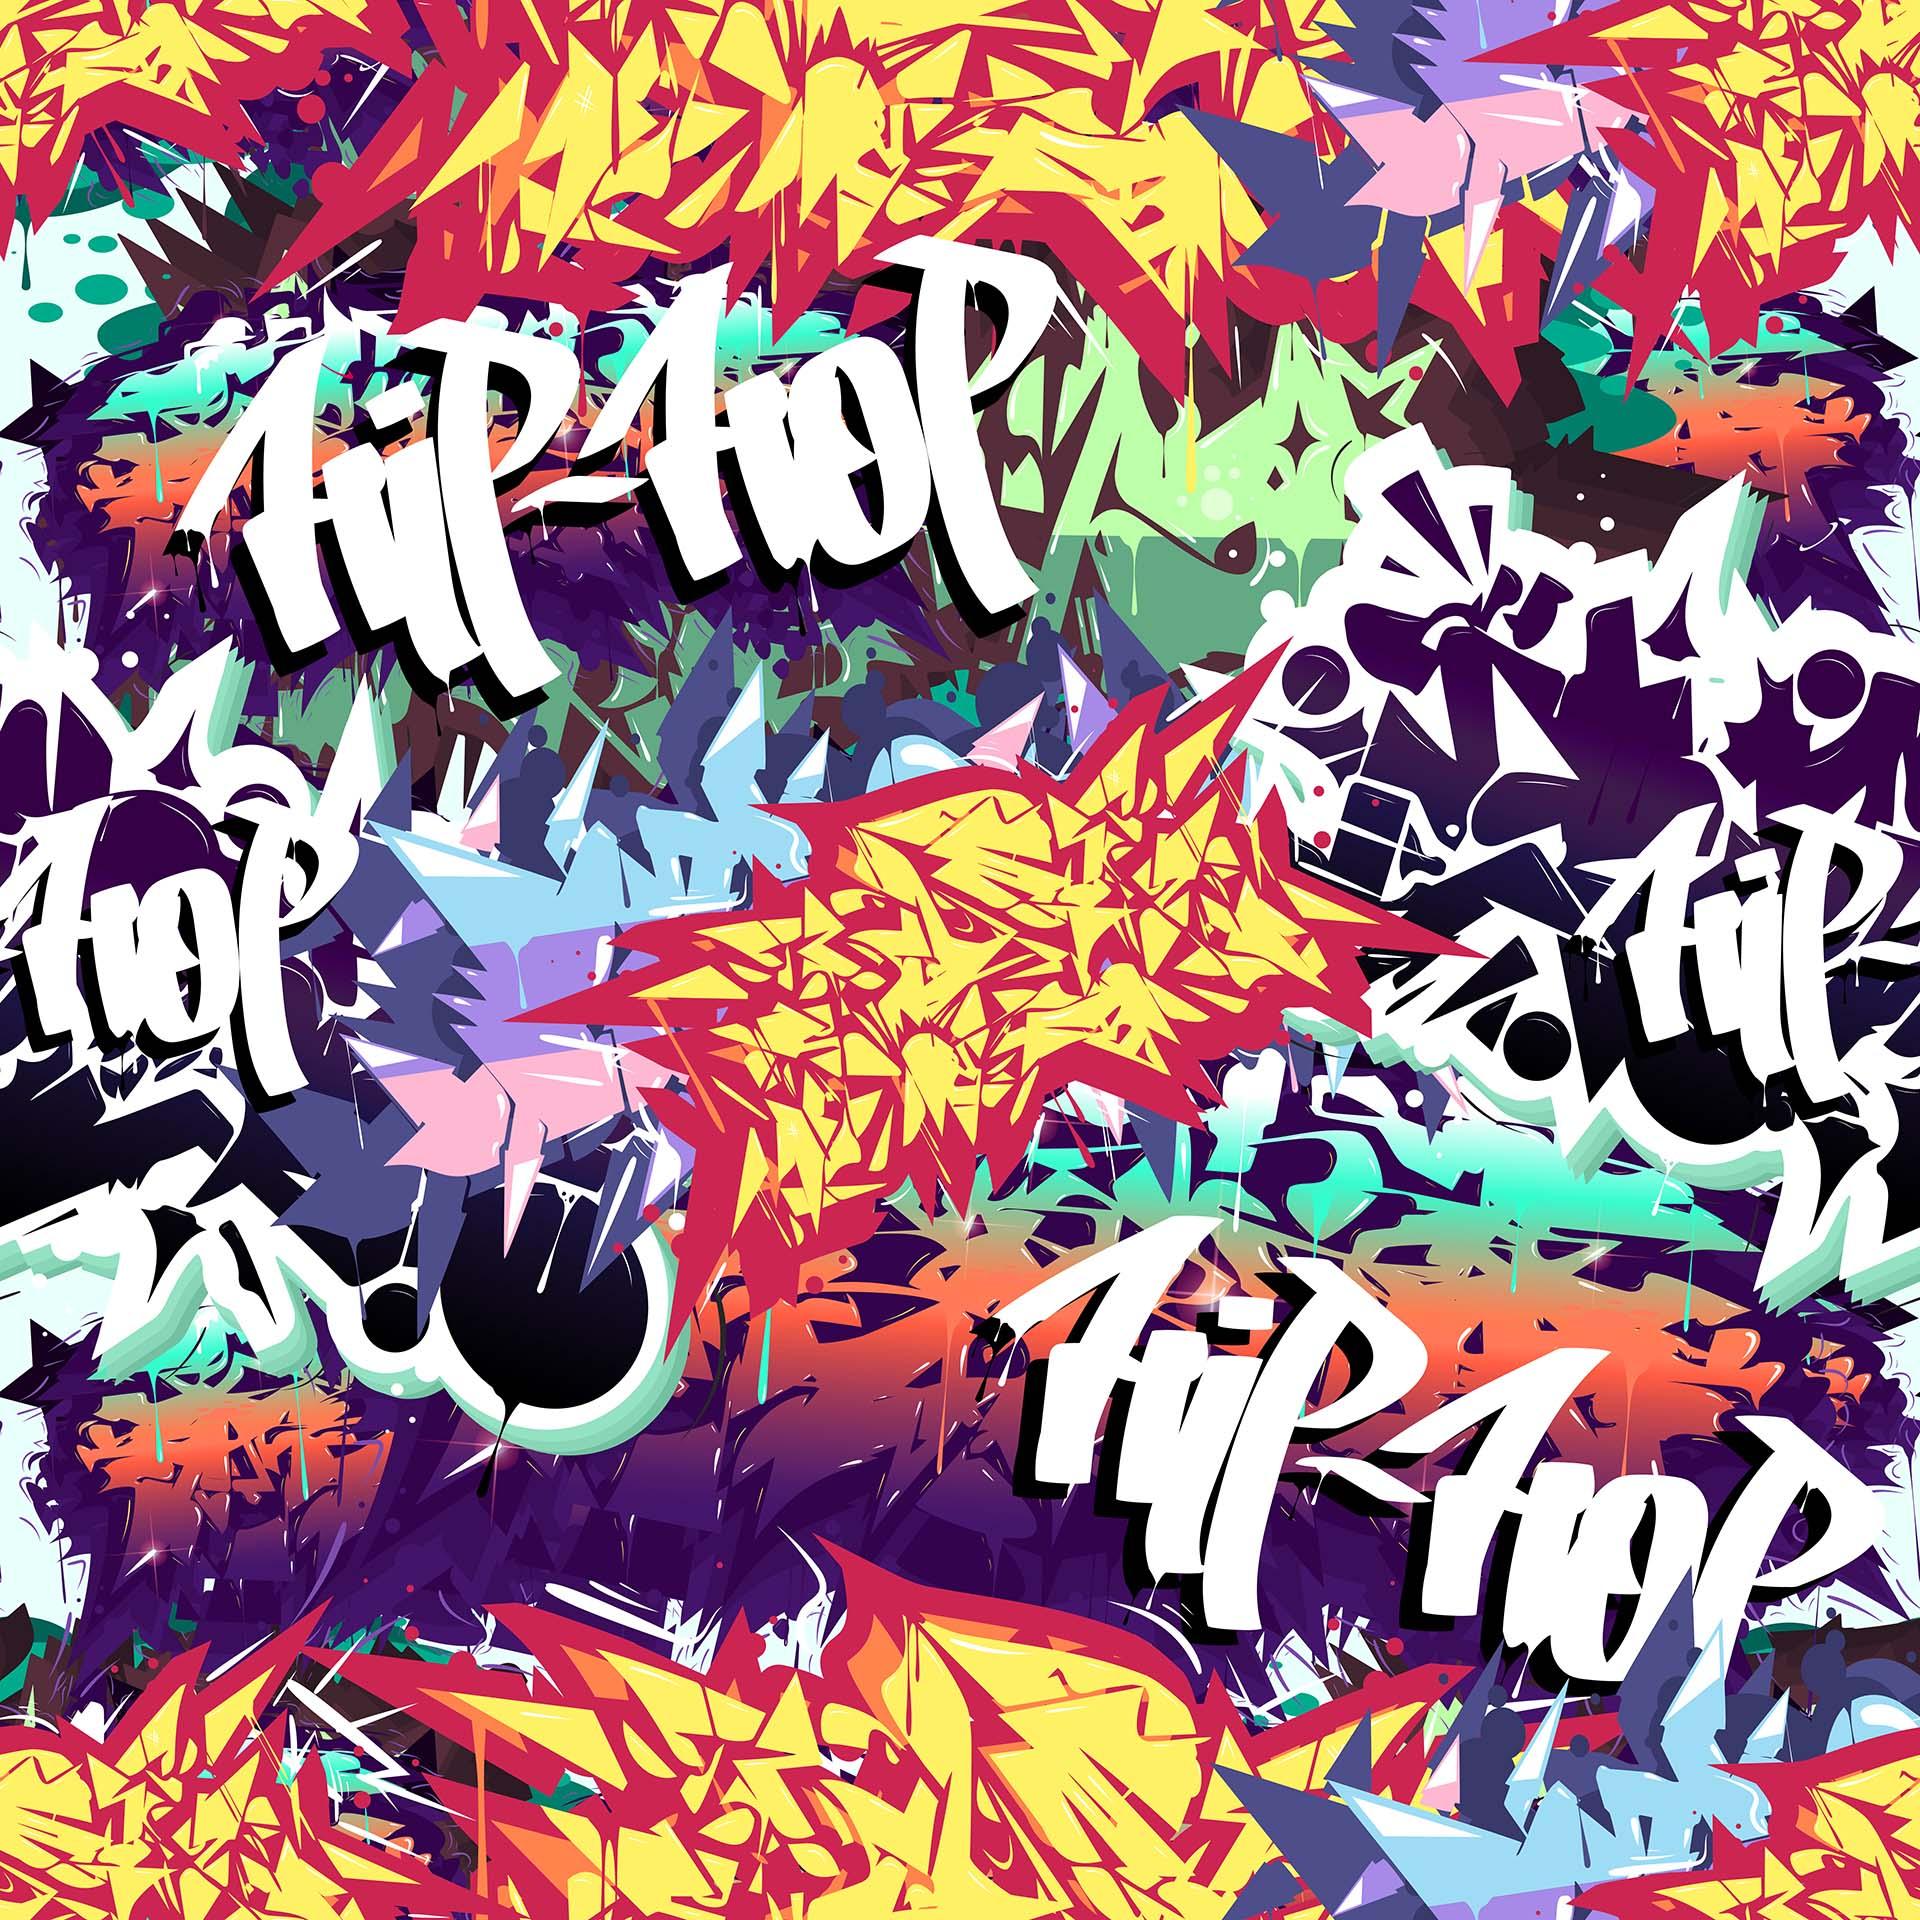 วง Hiphop สุดมันส์โยกกันให้กระจาย